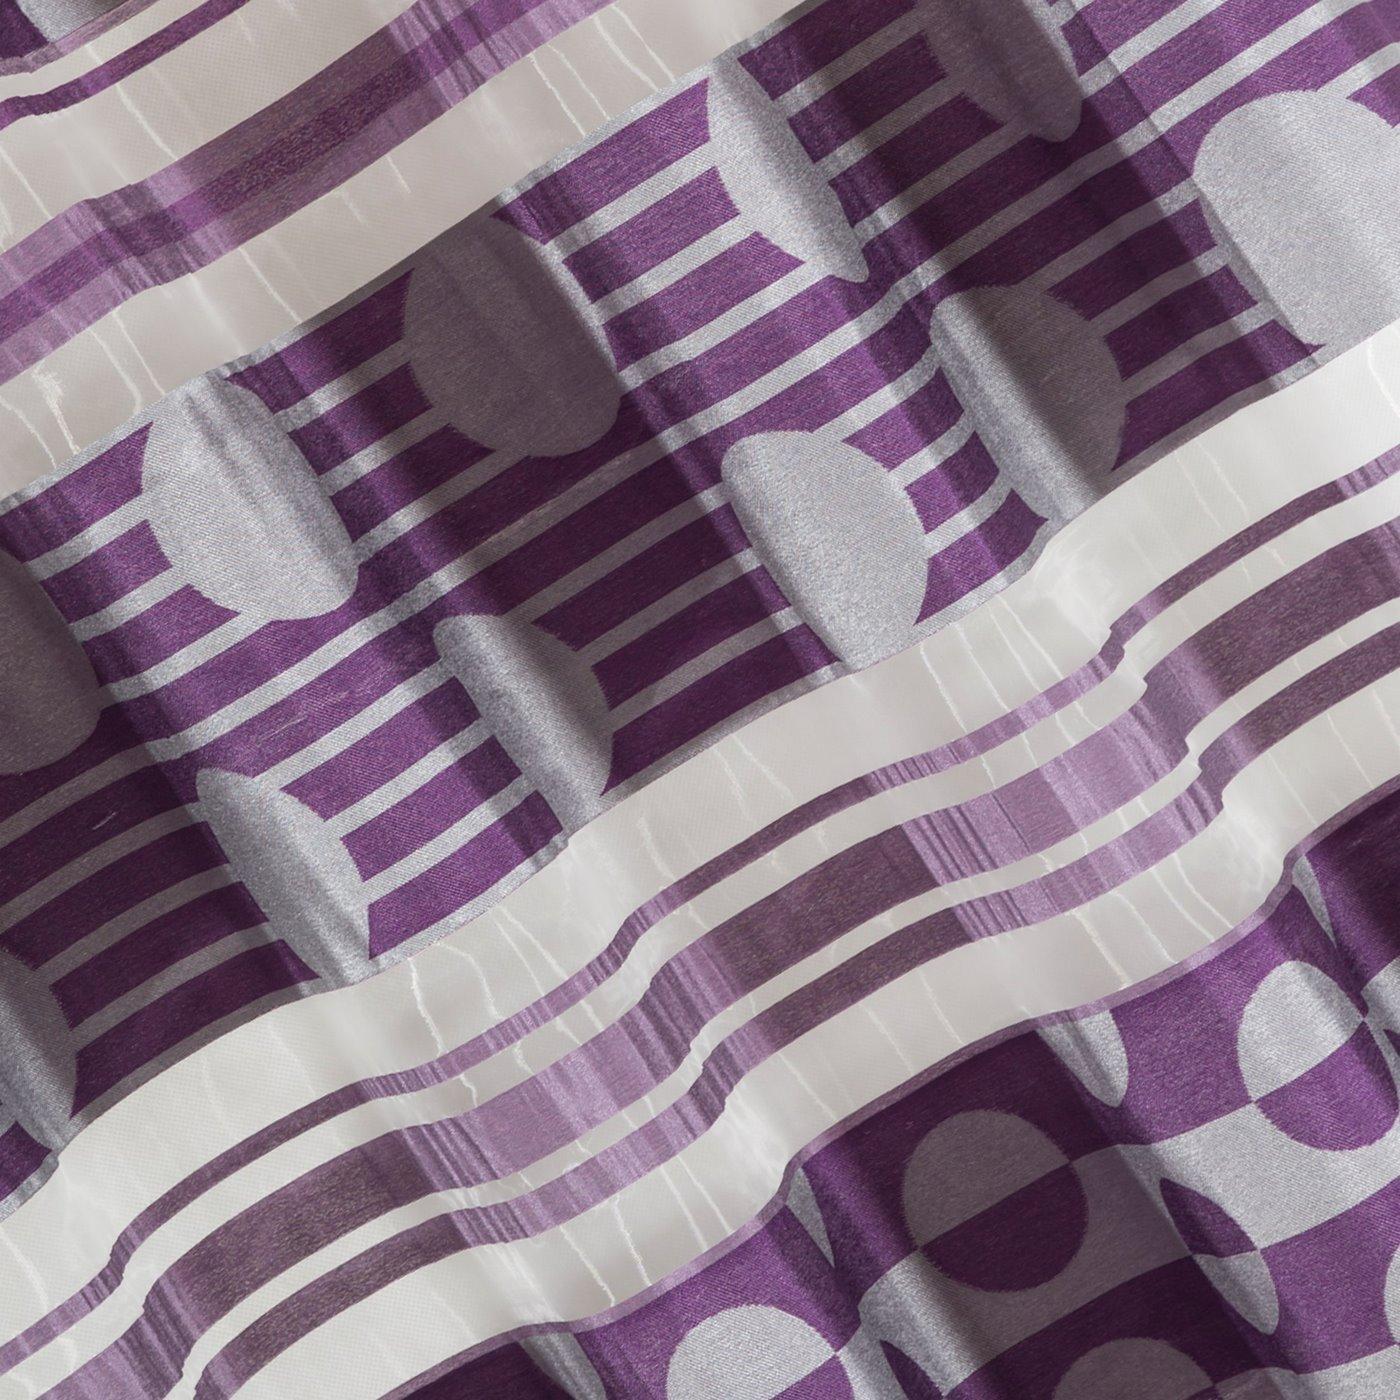 Zasłona poziome pasy wzorzysta przelotki fiolet 140x250cm